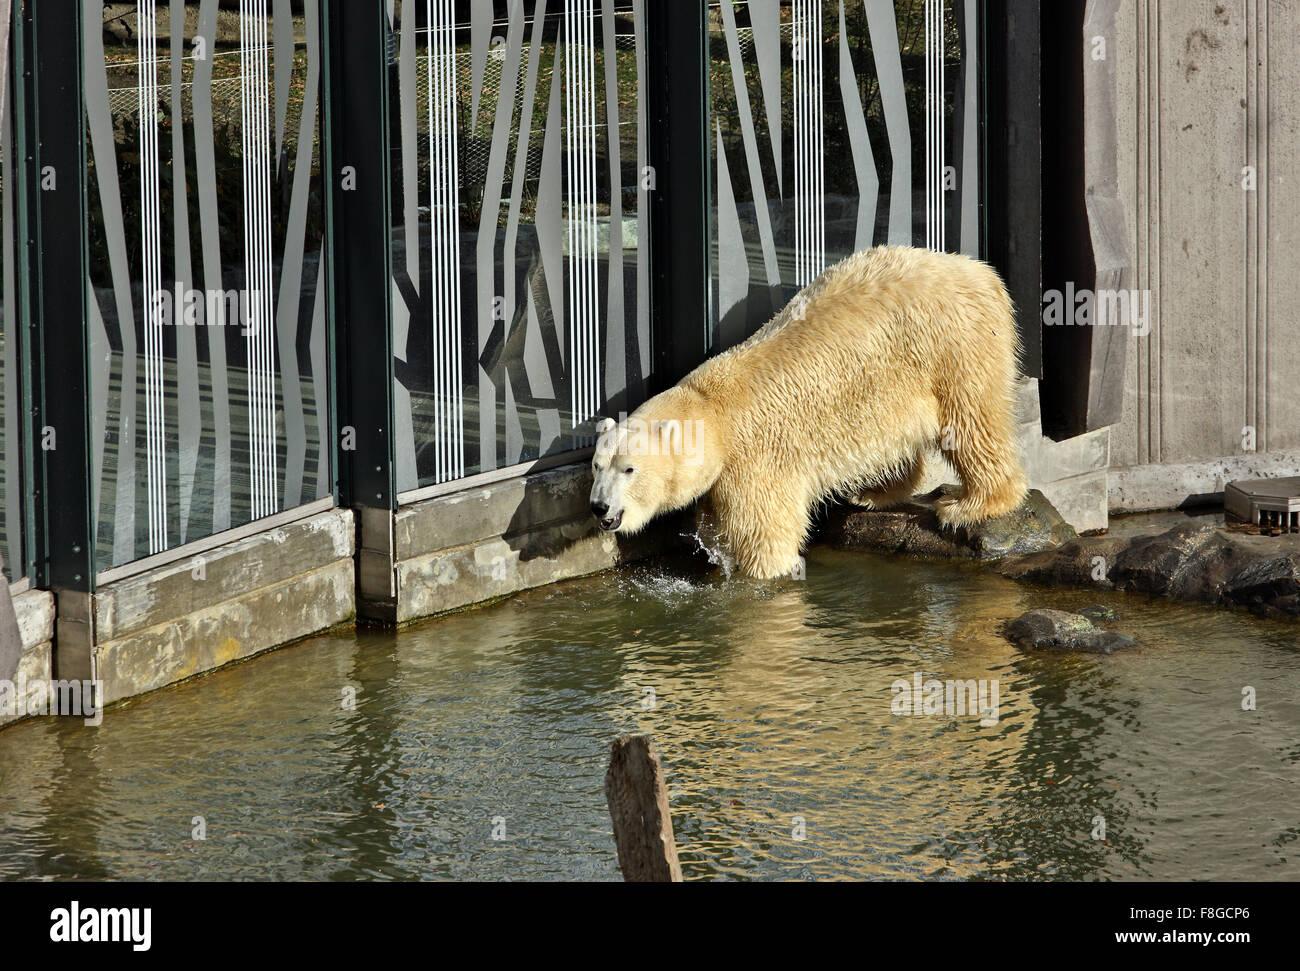 Orso polare allo Zoo (Tiergarden) del Palazzo di Schonbrunn, Vienna, Austria. Immagini Stock